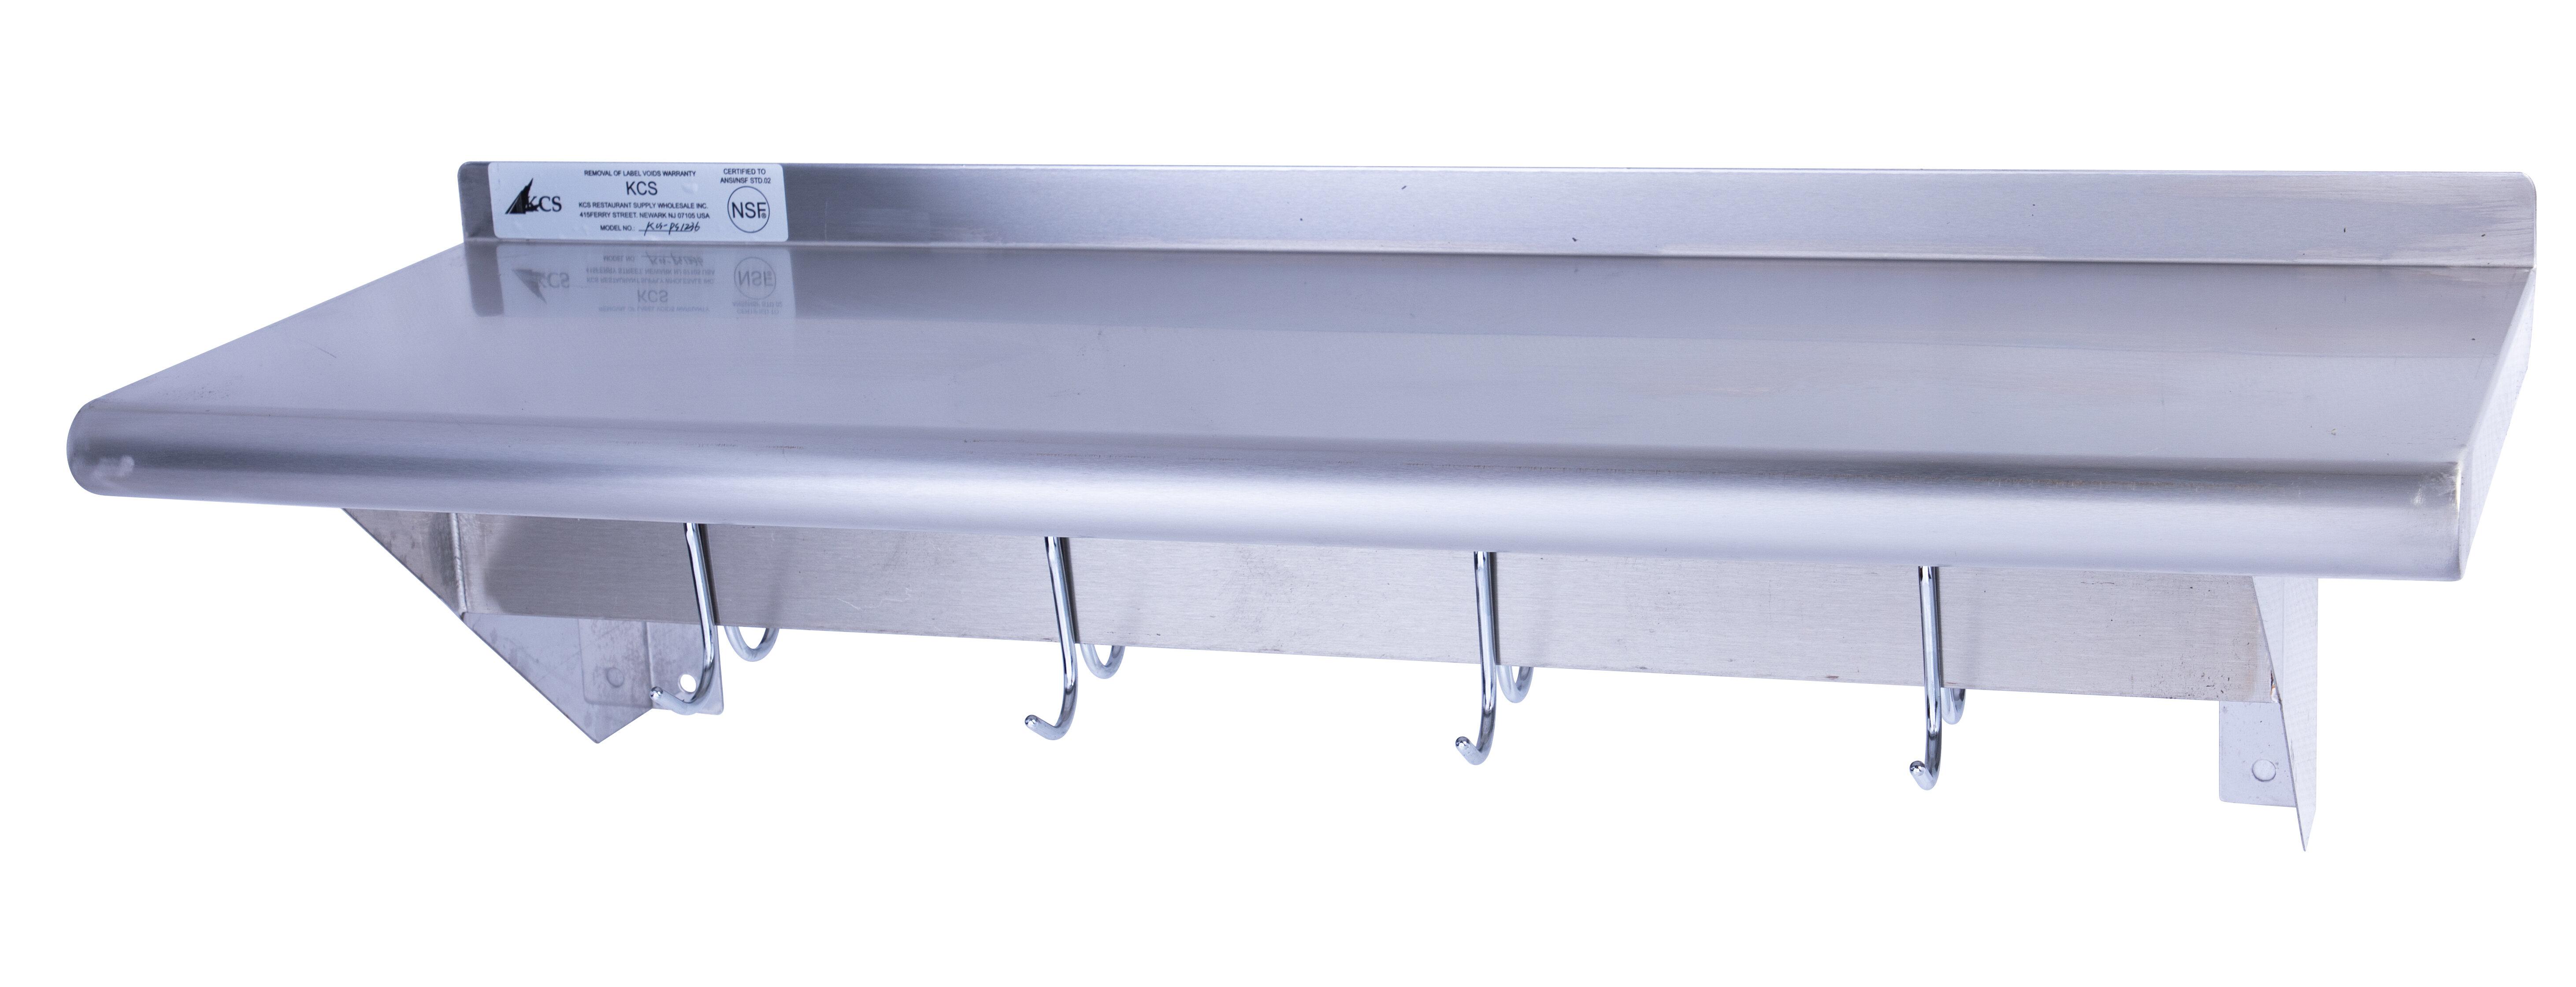 Restaurant Supply Depot Stainless Steel Wall Mount Pot Rack Shelf With 18 Hooks Wayfair